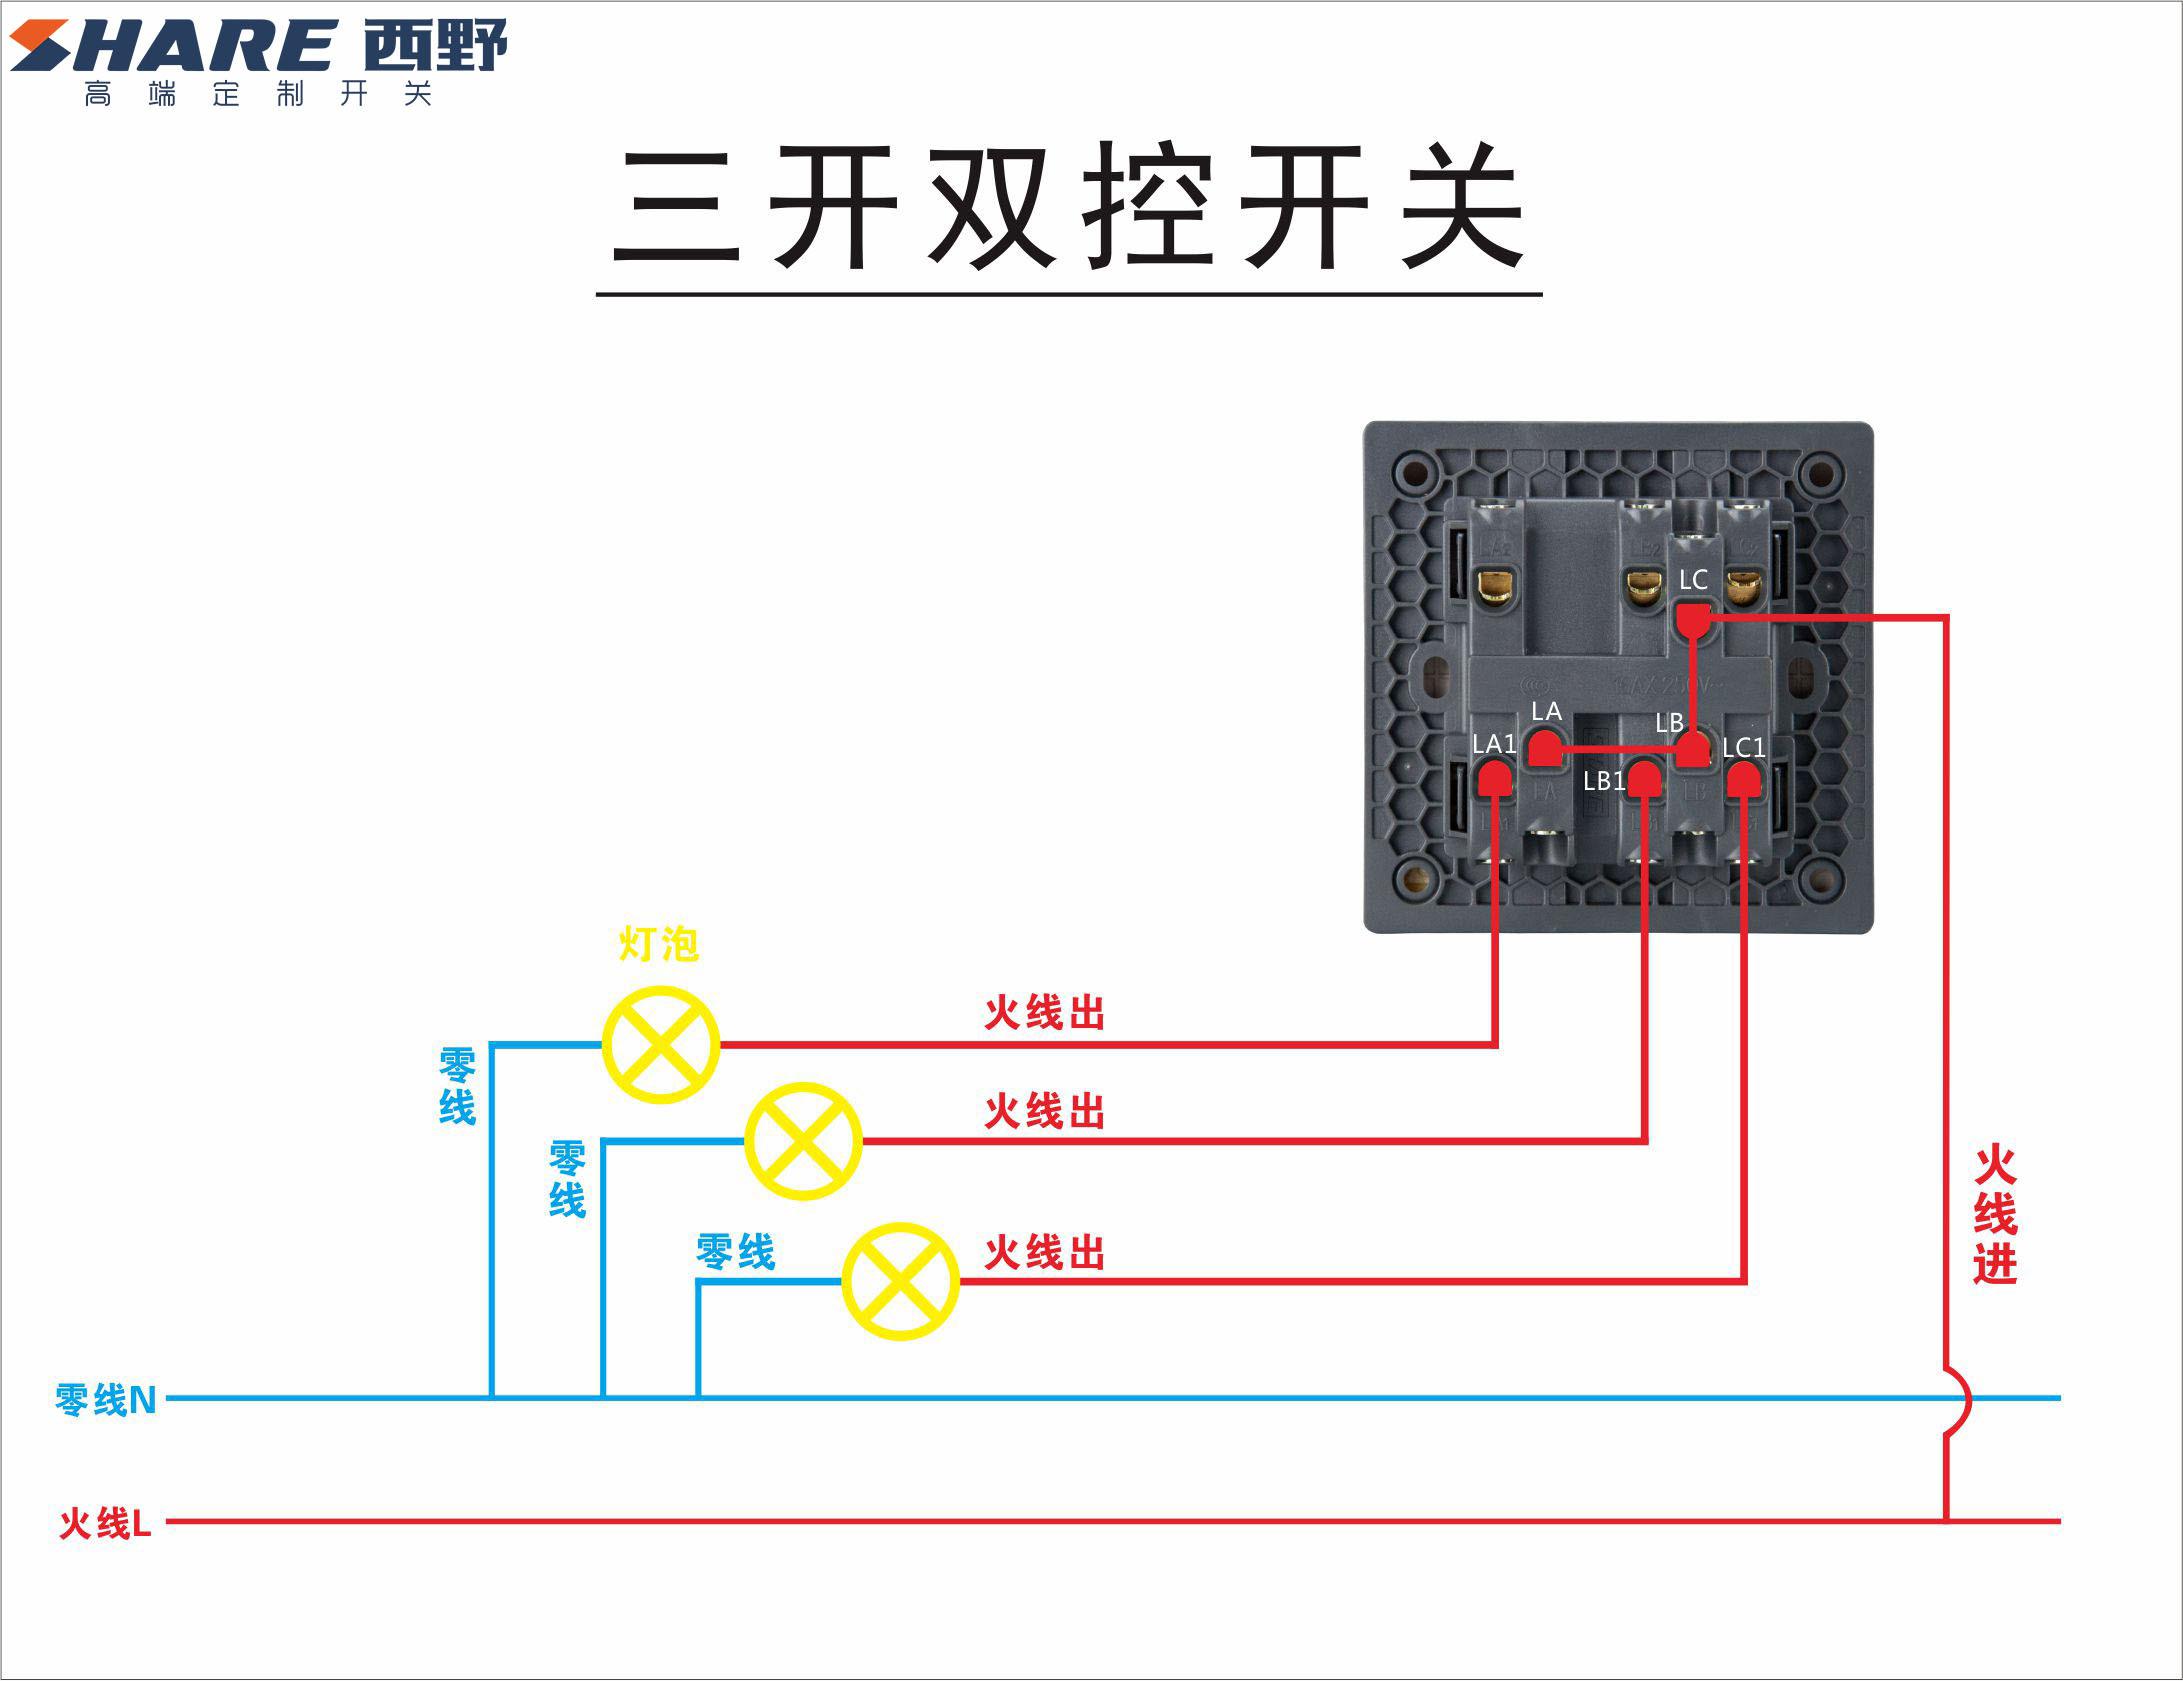 调整行车电阻器RF54-200L-8/4J电阻柜接线图】... _机电之家网